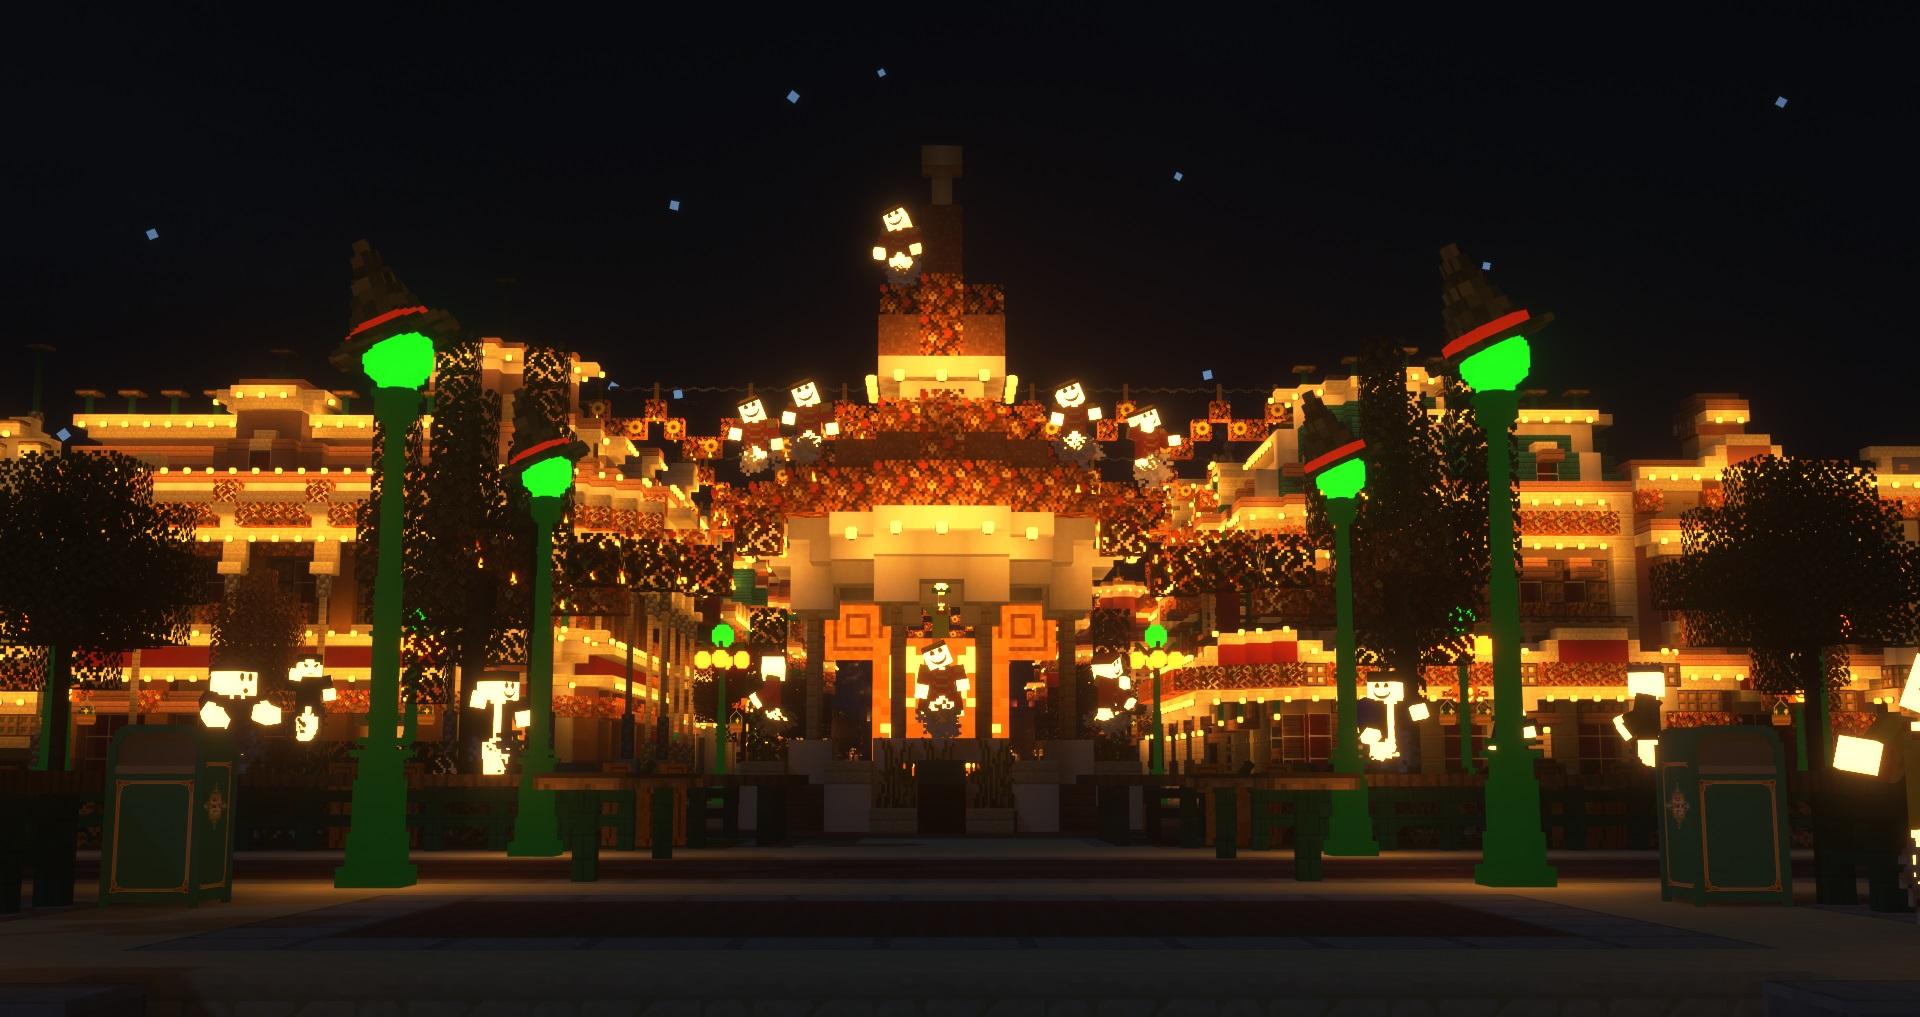 Une photo du château de Disneyland Paris sur MagicCraft Minecraft